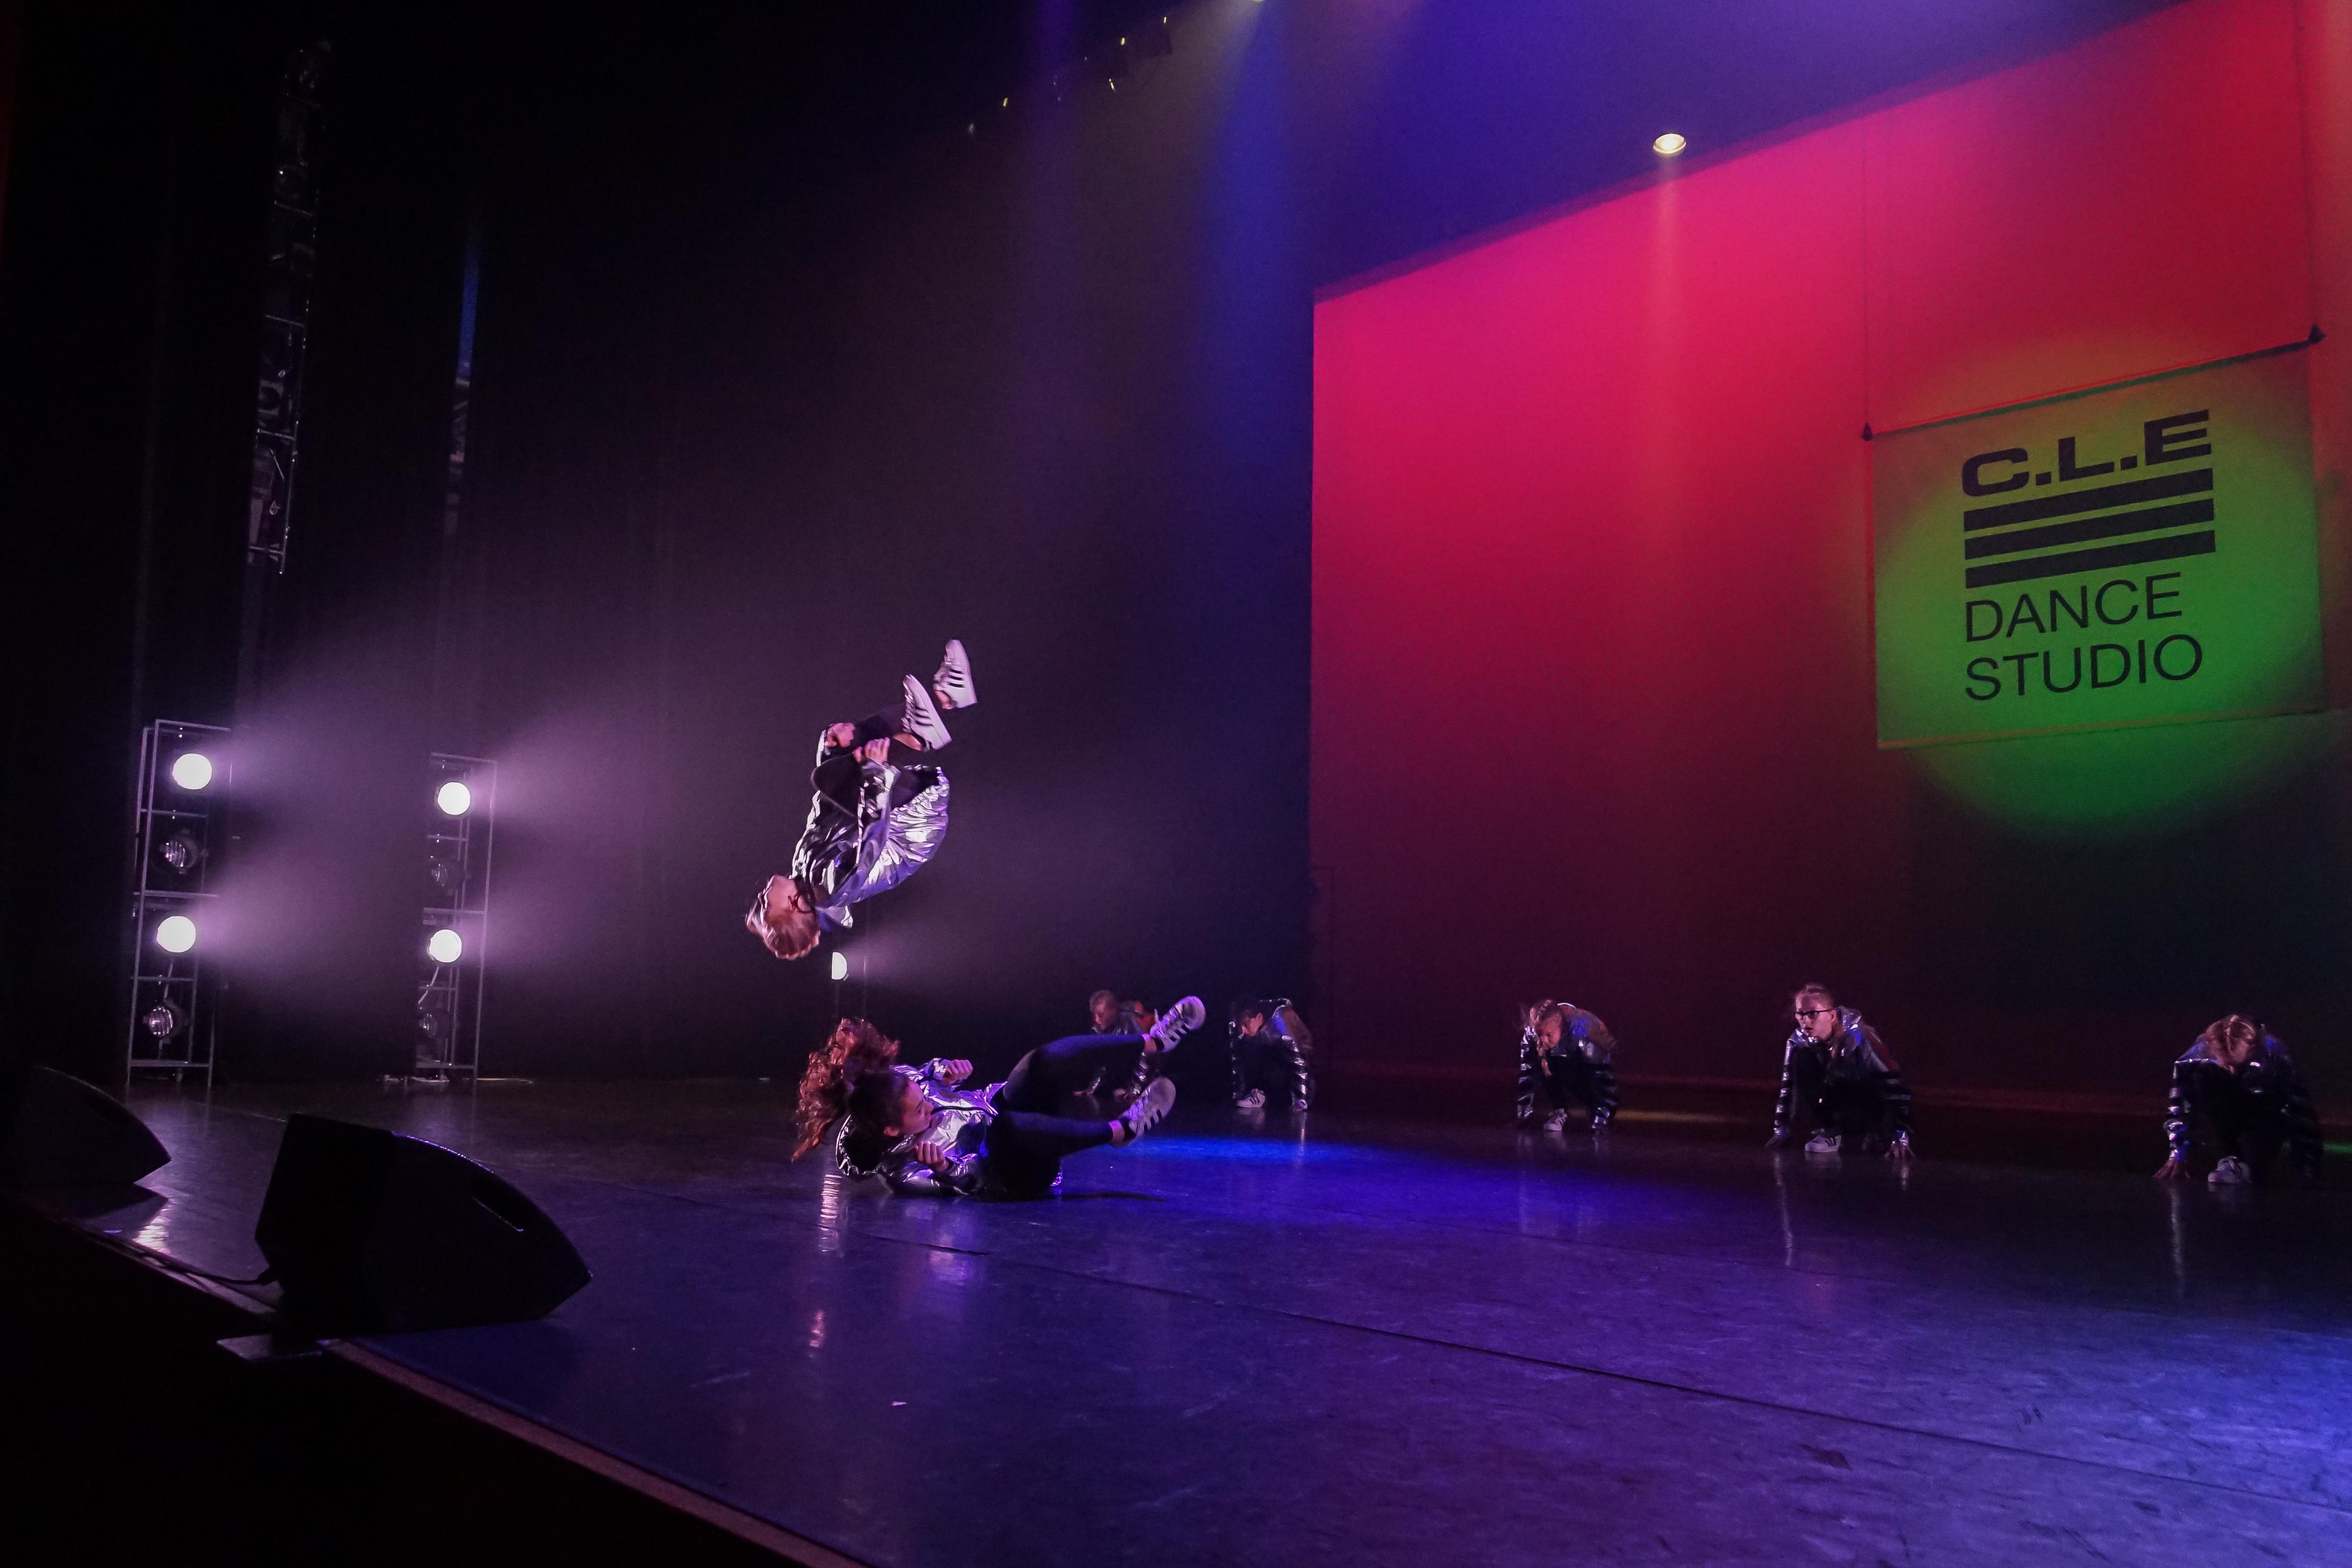 Theatershow C.L.E. 2018